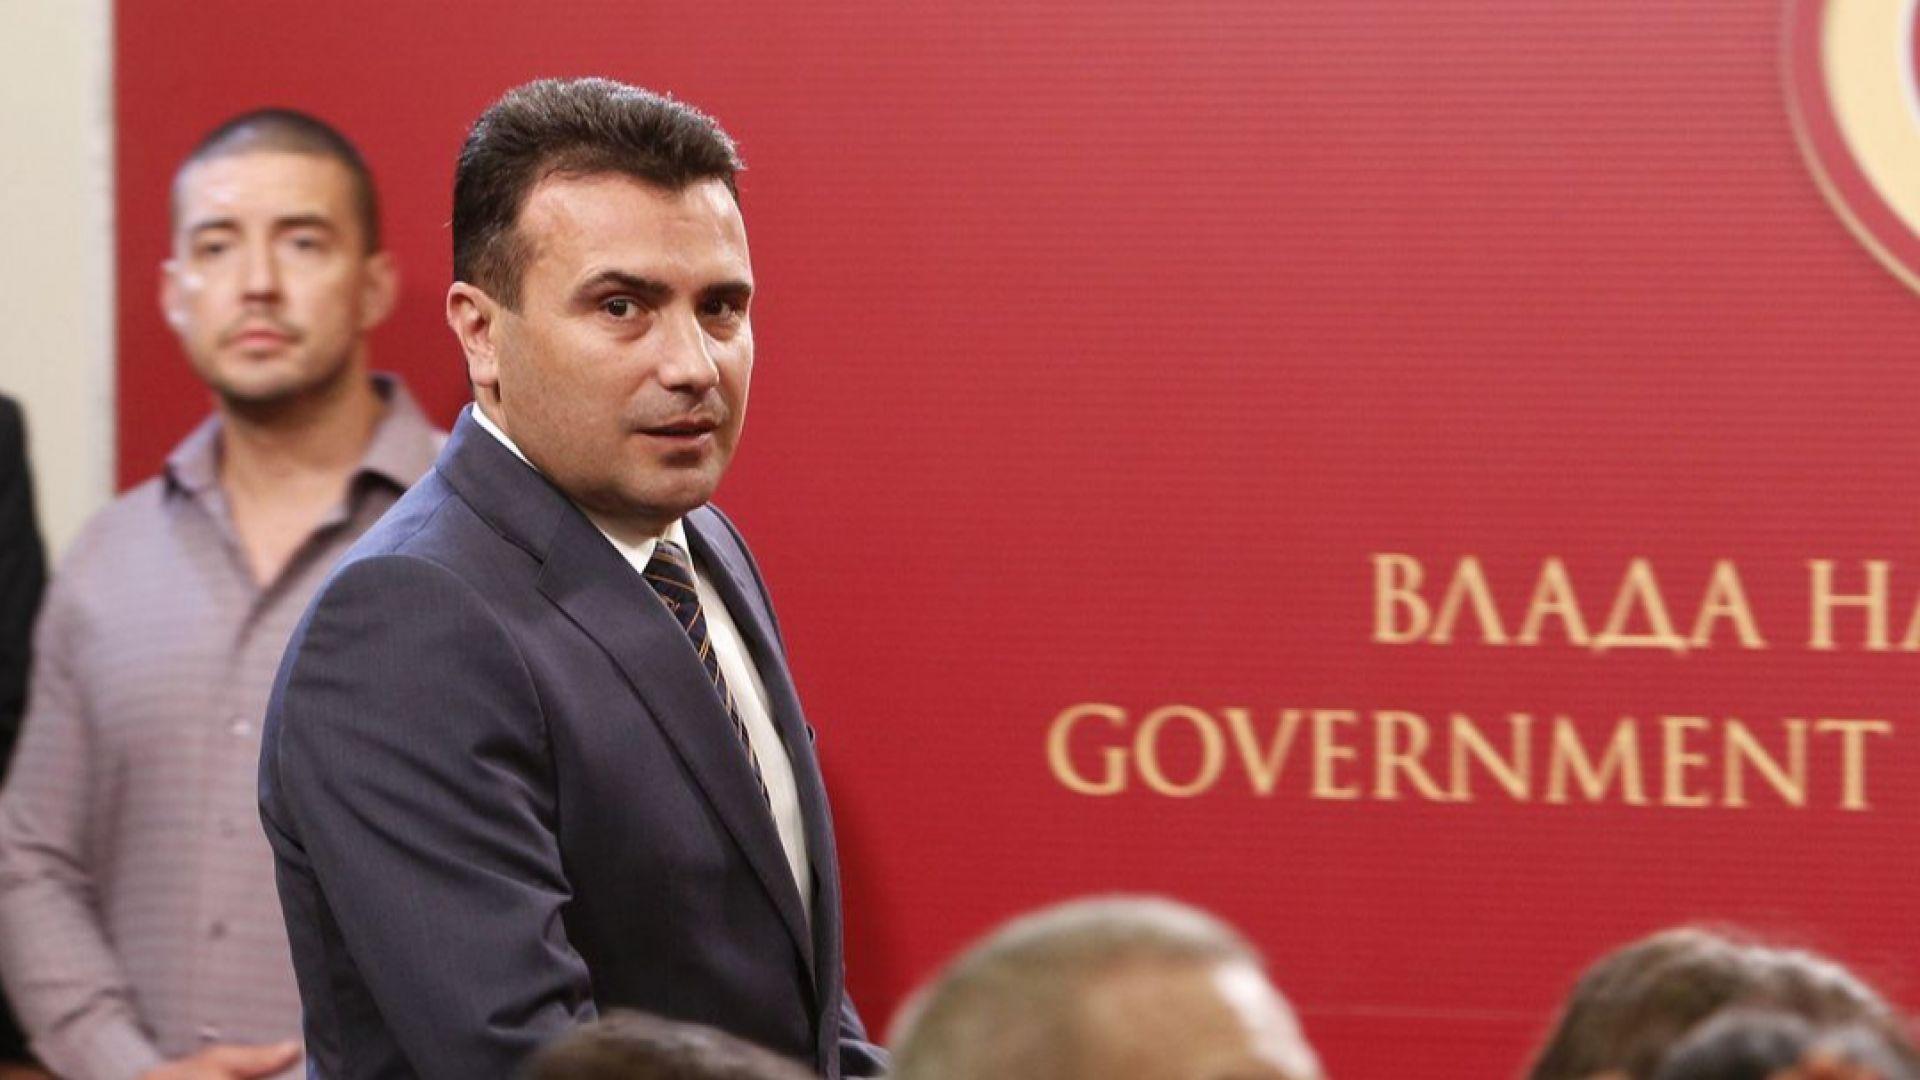 Заев обвини проруски бизнесмени, че финансират протести срещу НАТО